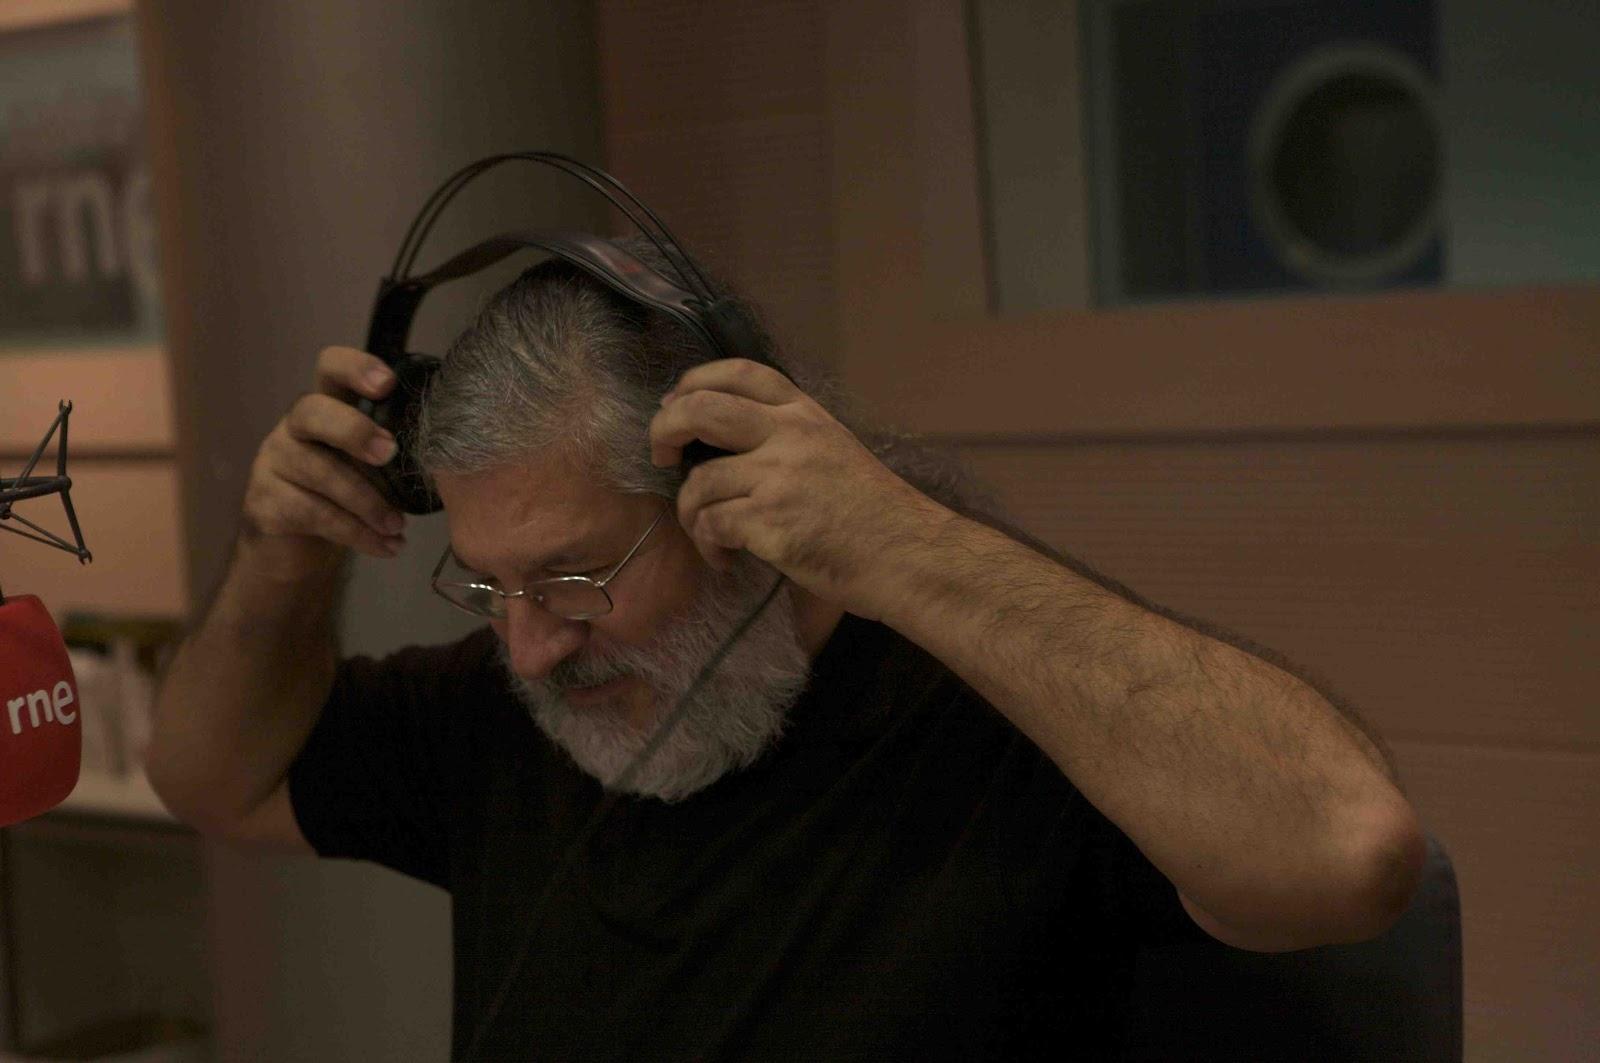 José Miguel López sigue apostando por el Rock Sinfónico y Progresivo en Discópolis